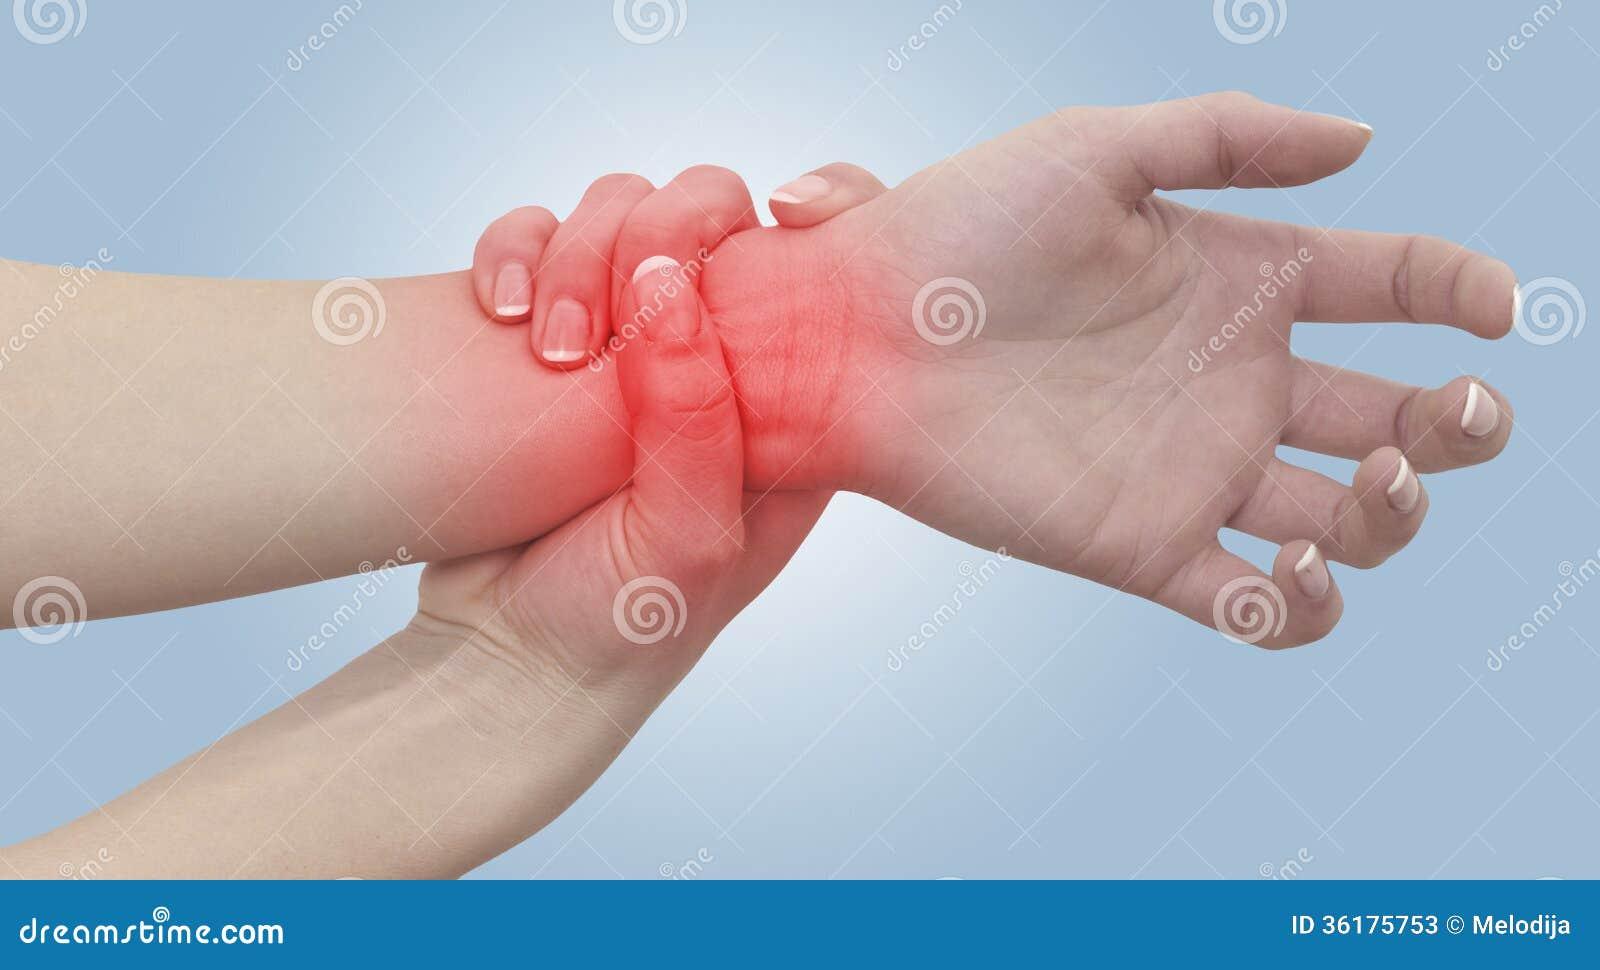 douleur aigu dans un poignet de femme main se tenante femelle la tache des wris image stock. Black Bedroom Furniture Sets. Home Design Ideas